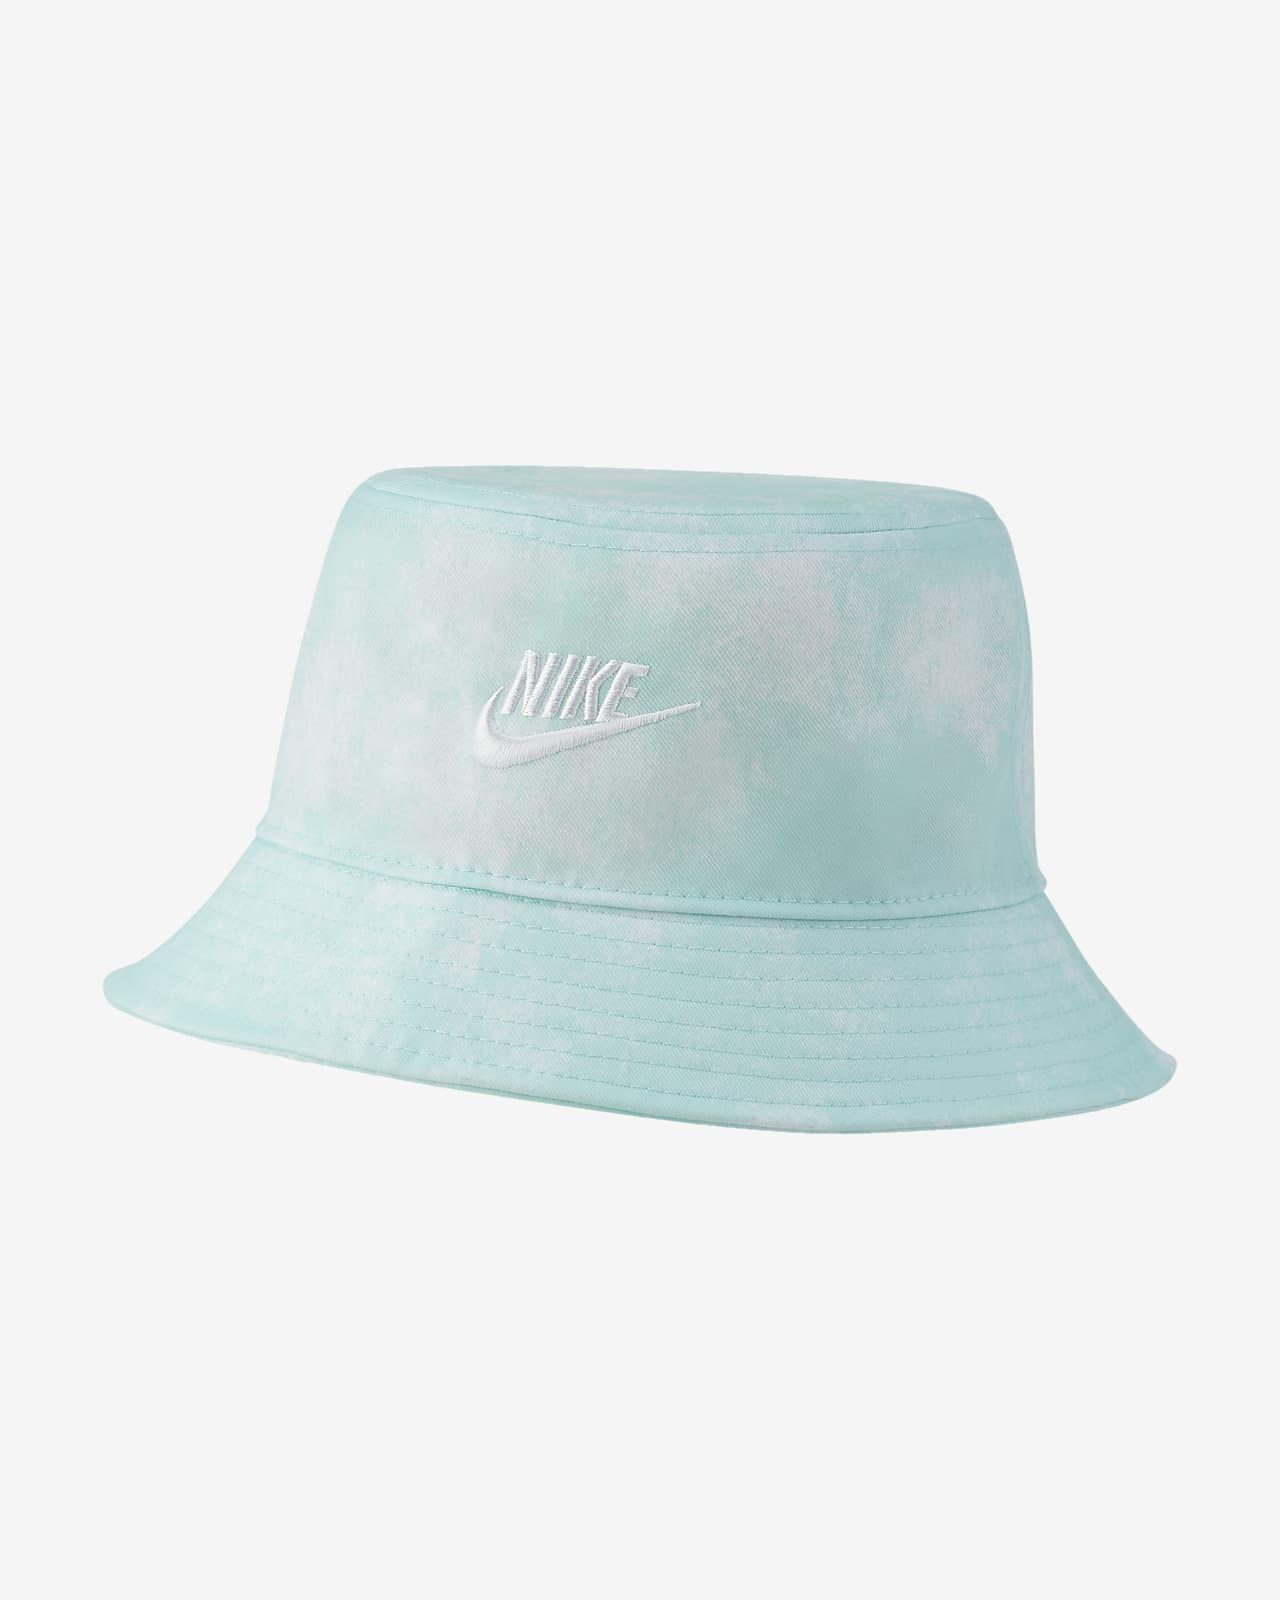 Nike Sportswear Tie-Dye Bucket Hat